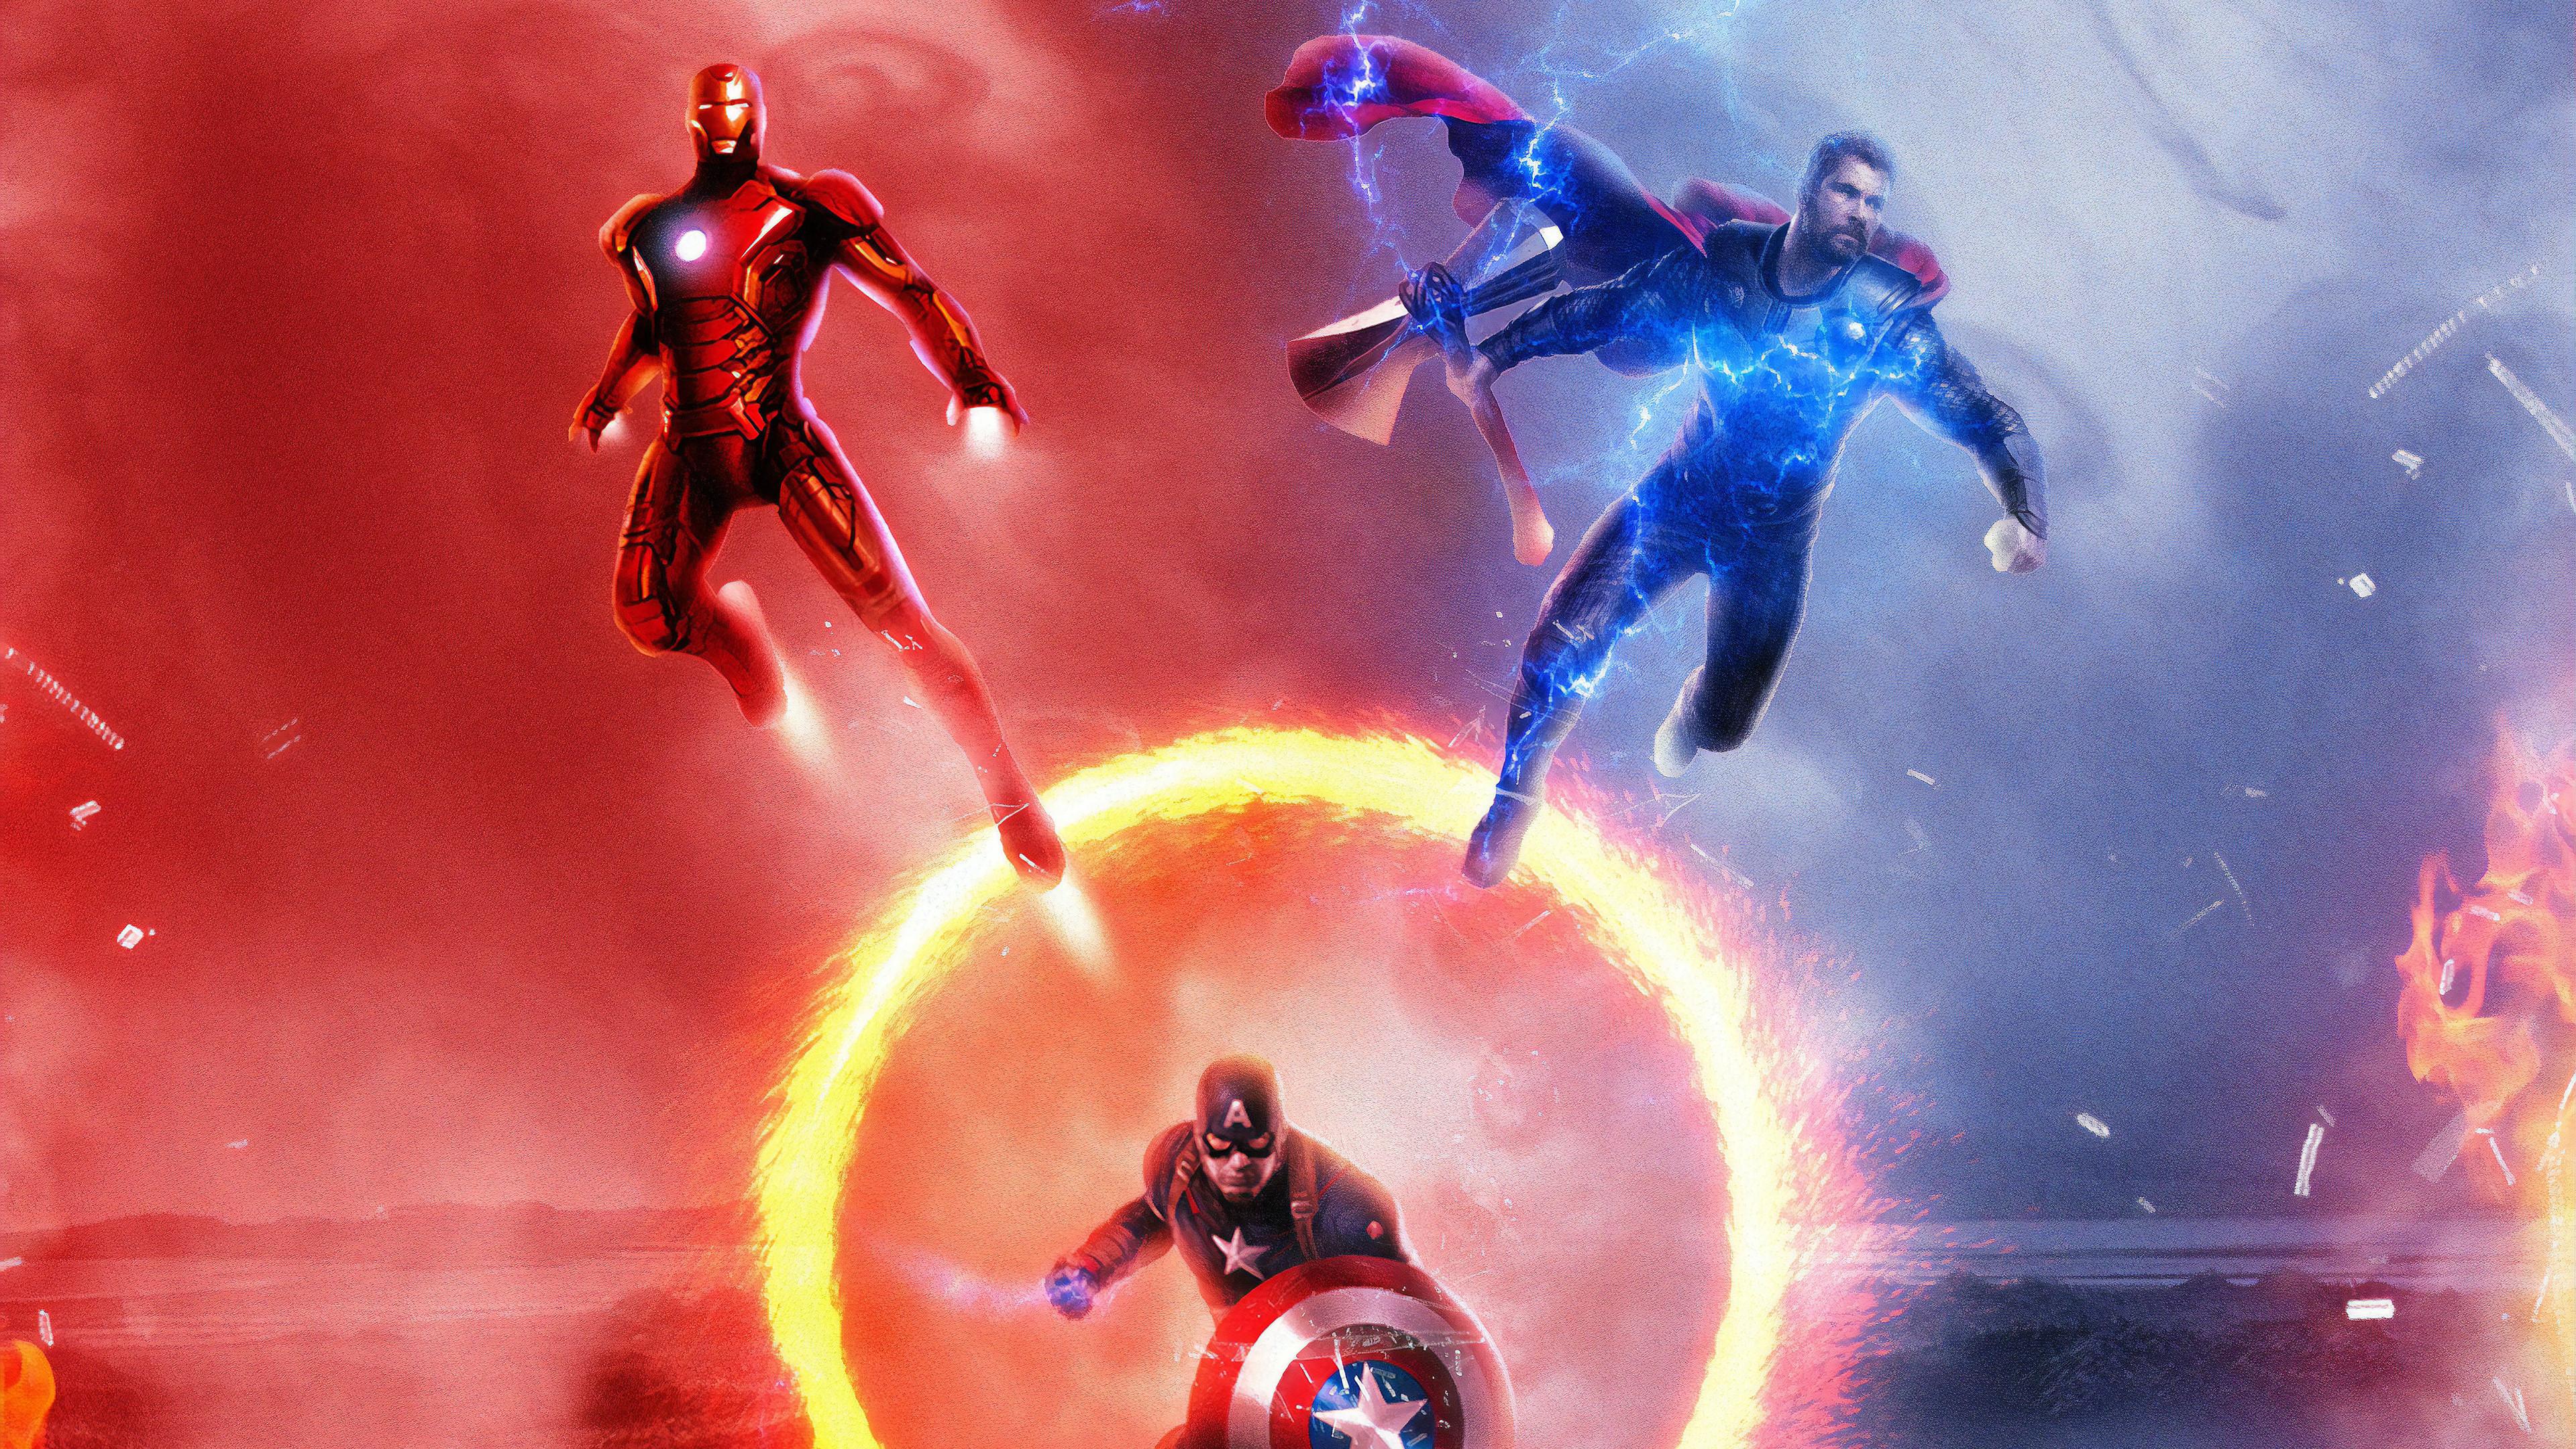 Avengers Endgame Iron Man Thor Captain America 8k Wallpaper 168